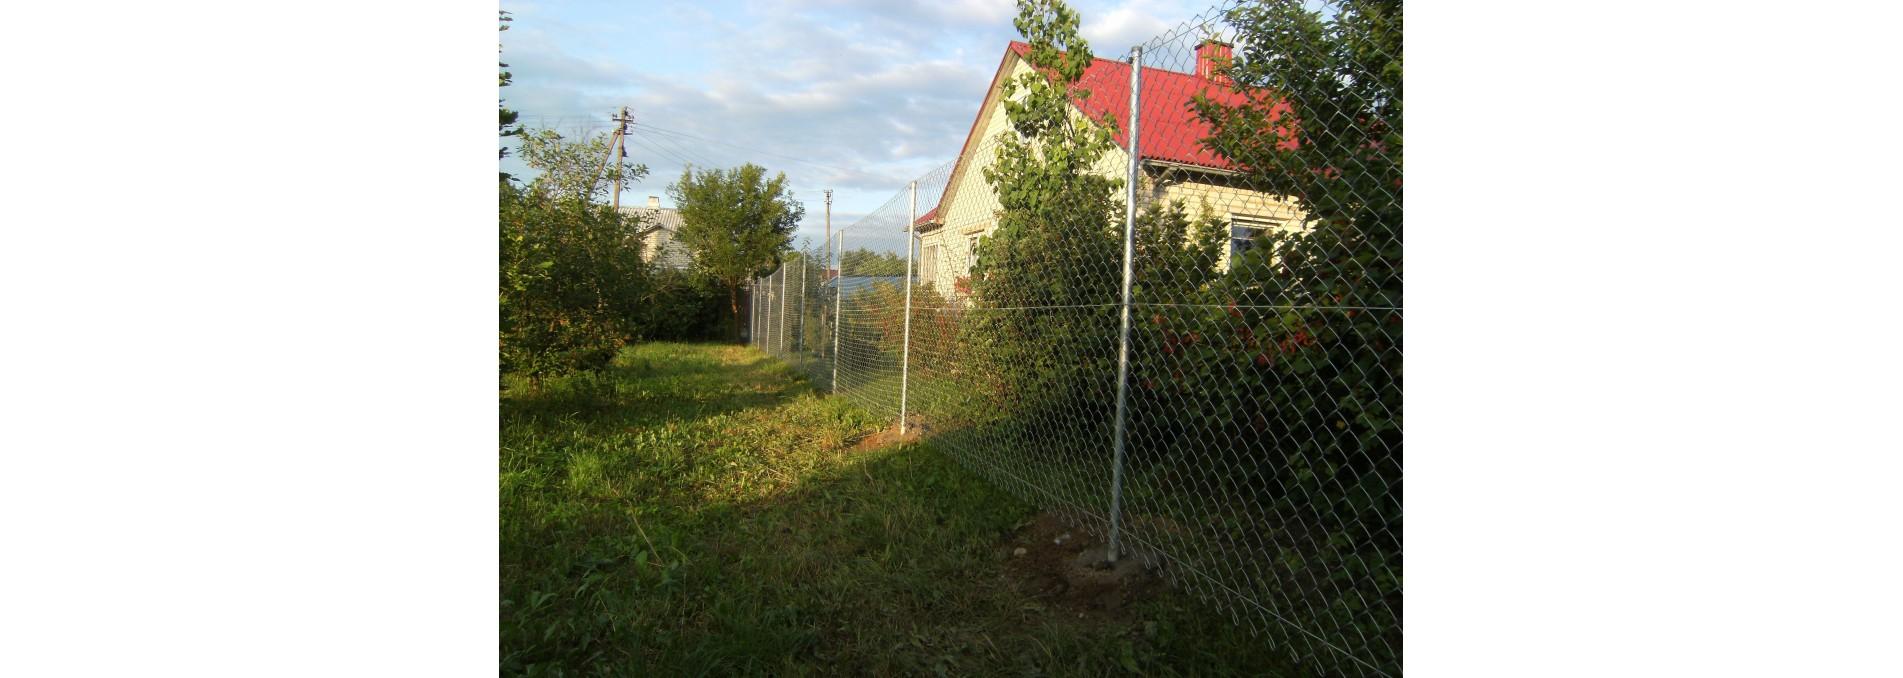 tinklo tvoros